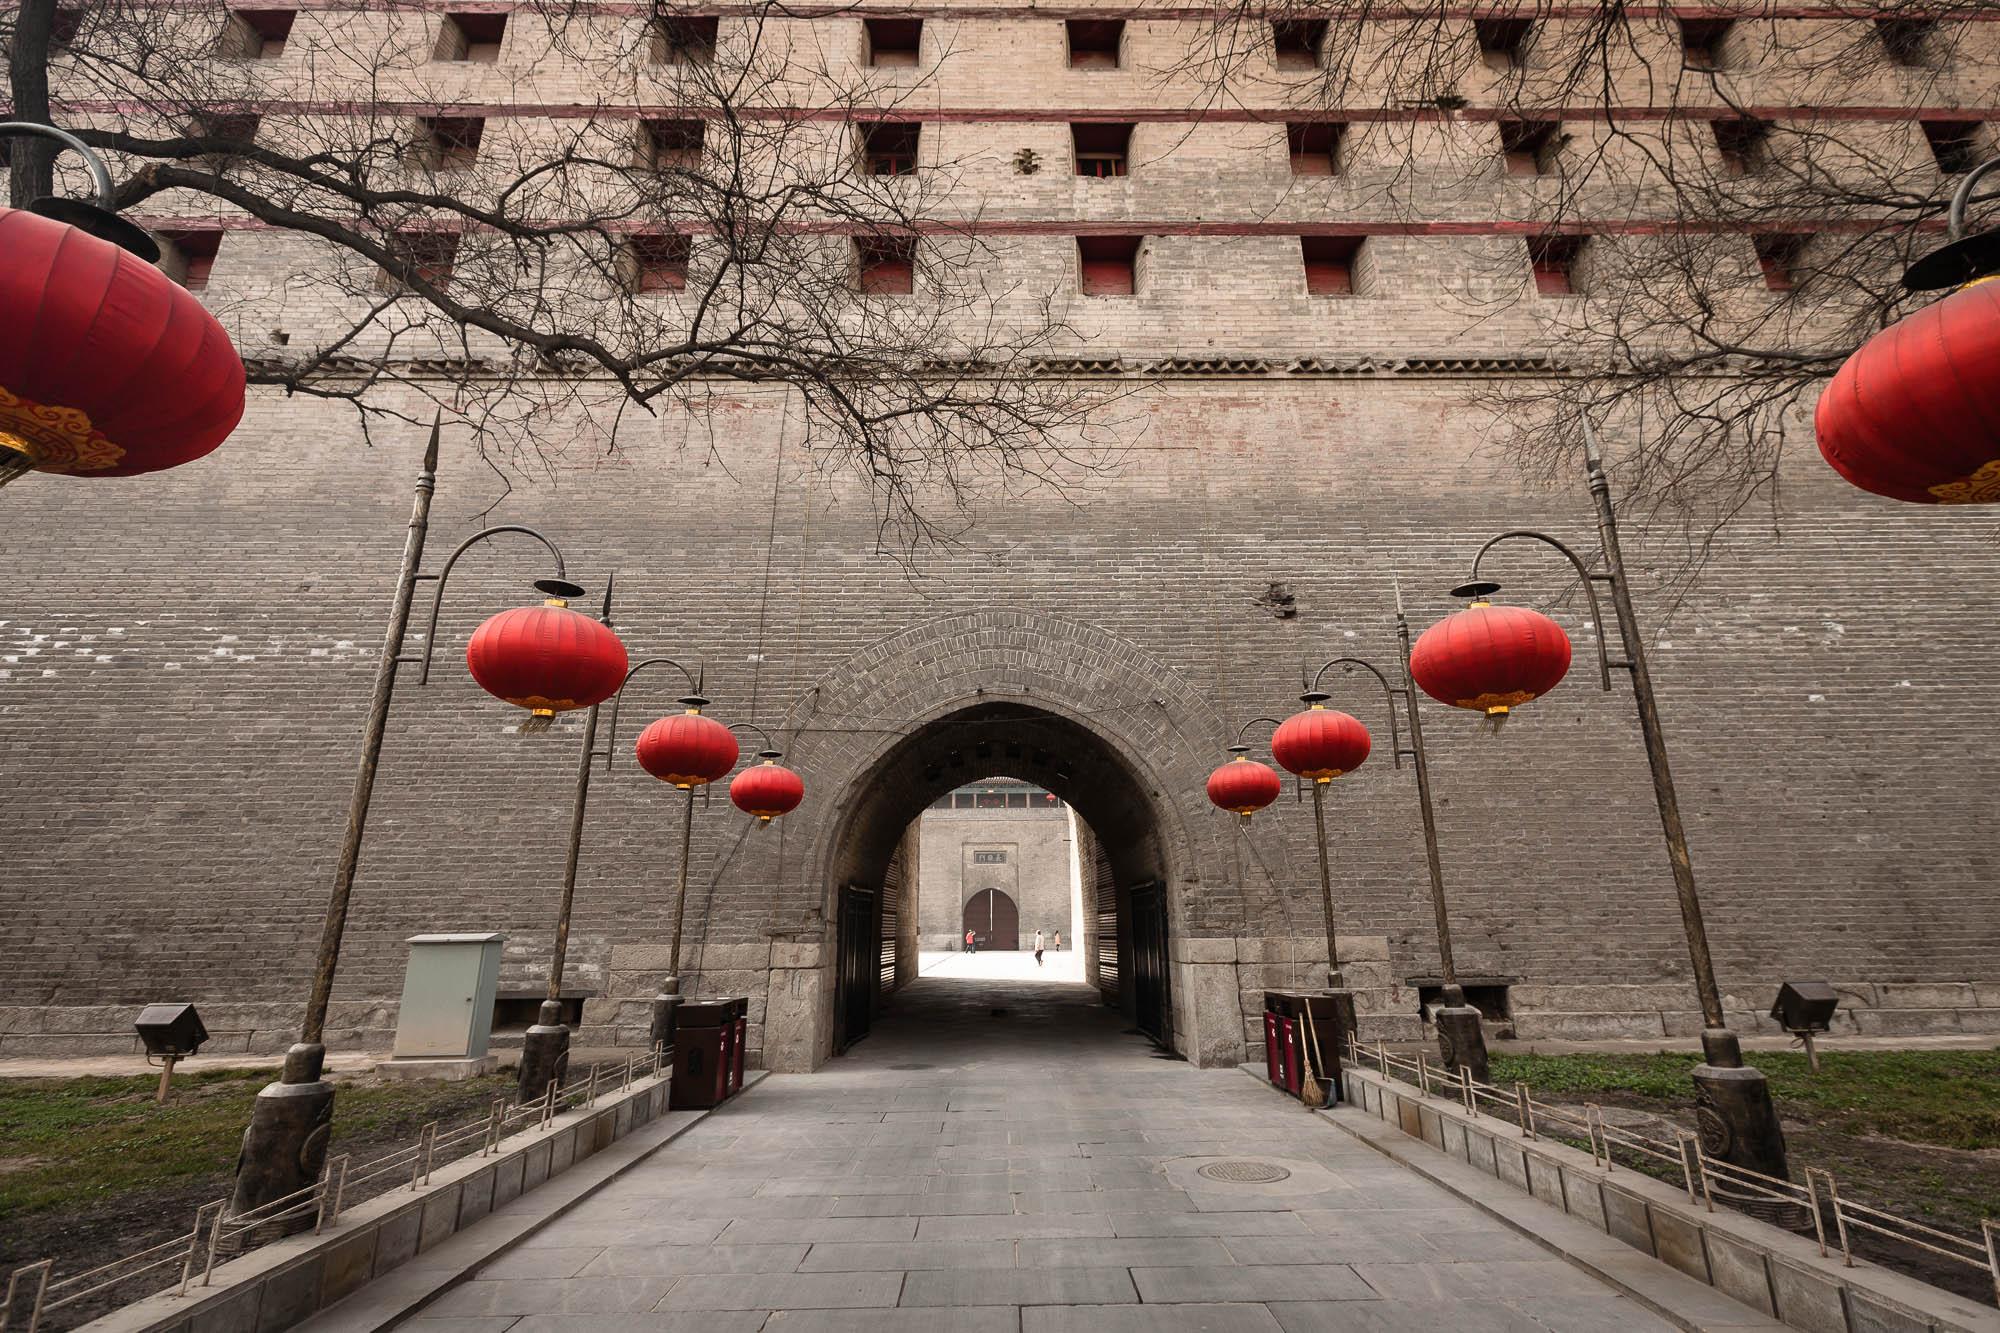 Changle Gate